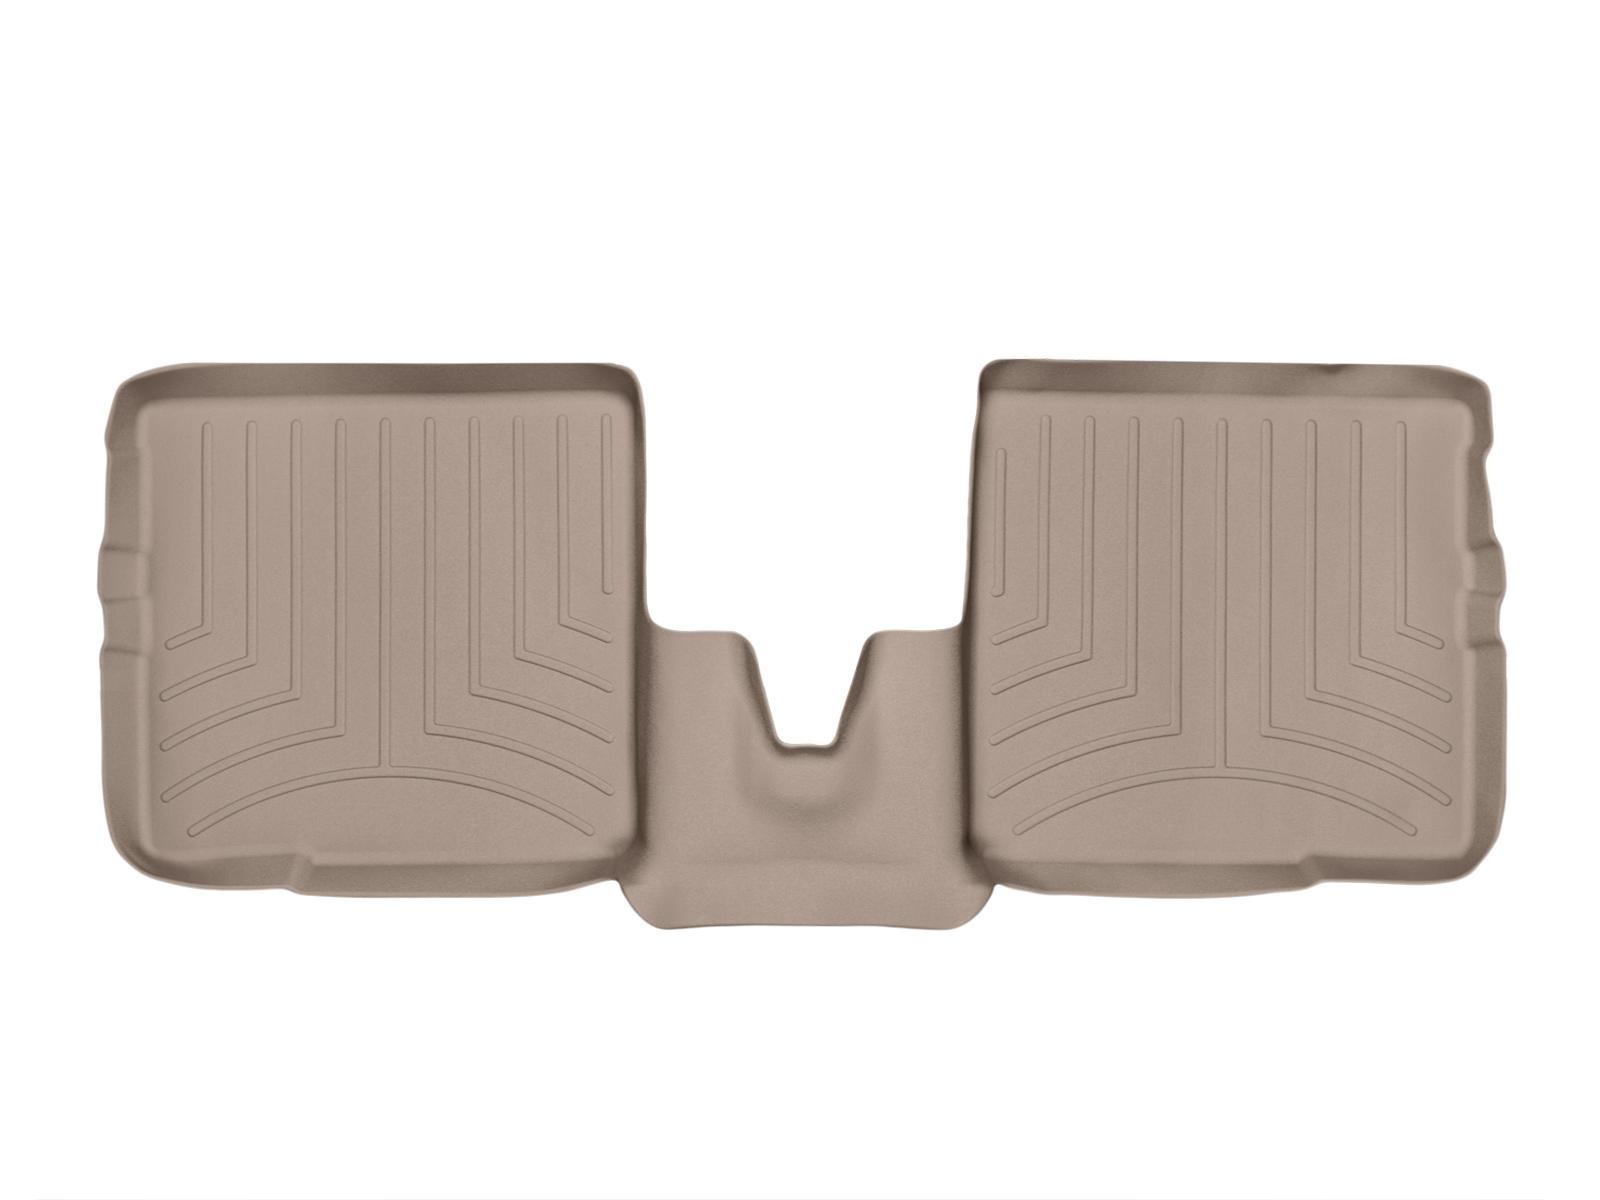 Tappeti gomma su misura bordo alto Fiat Panda 03>10 Marrone A809*